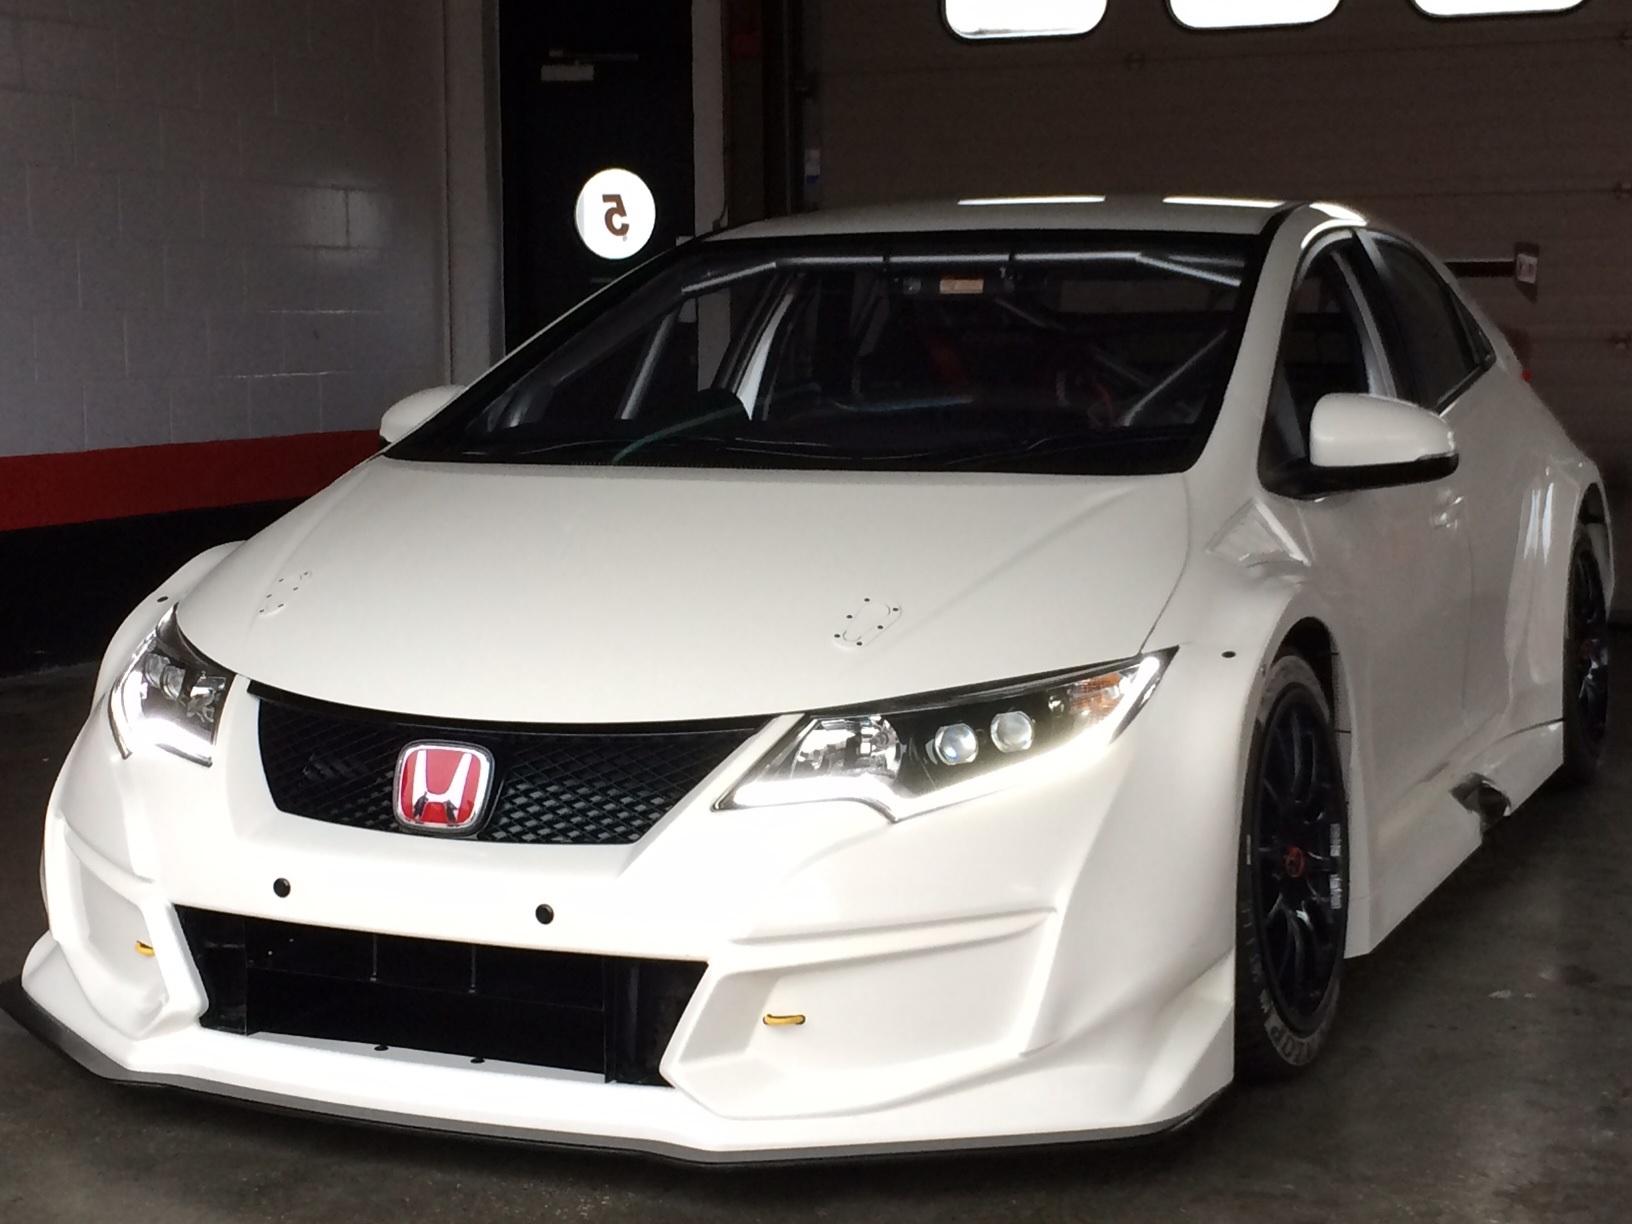 355 hp honda civic type r will race for the 2015 btcc for Honda type r horsepower